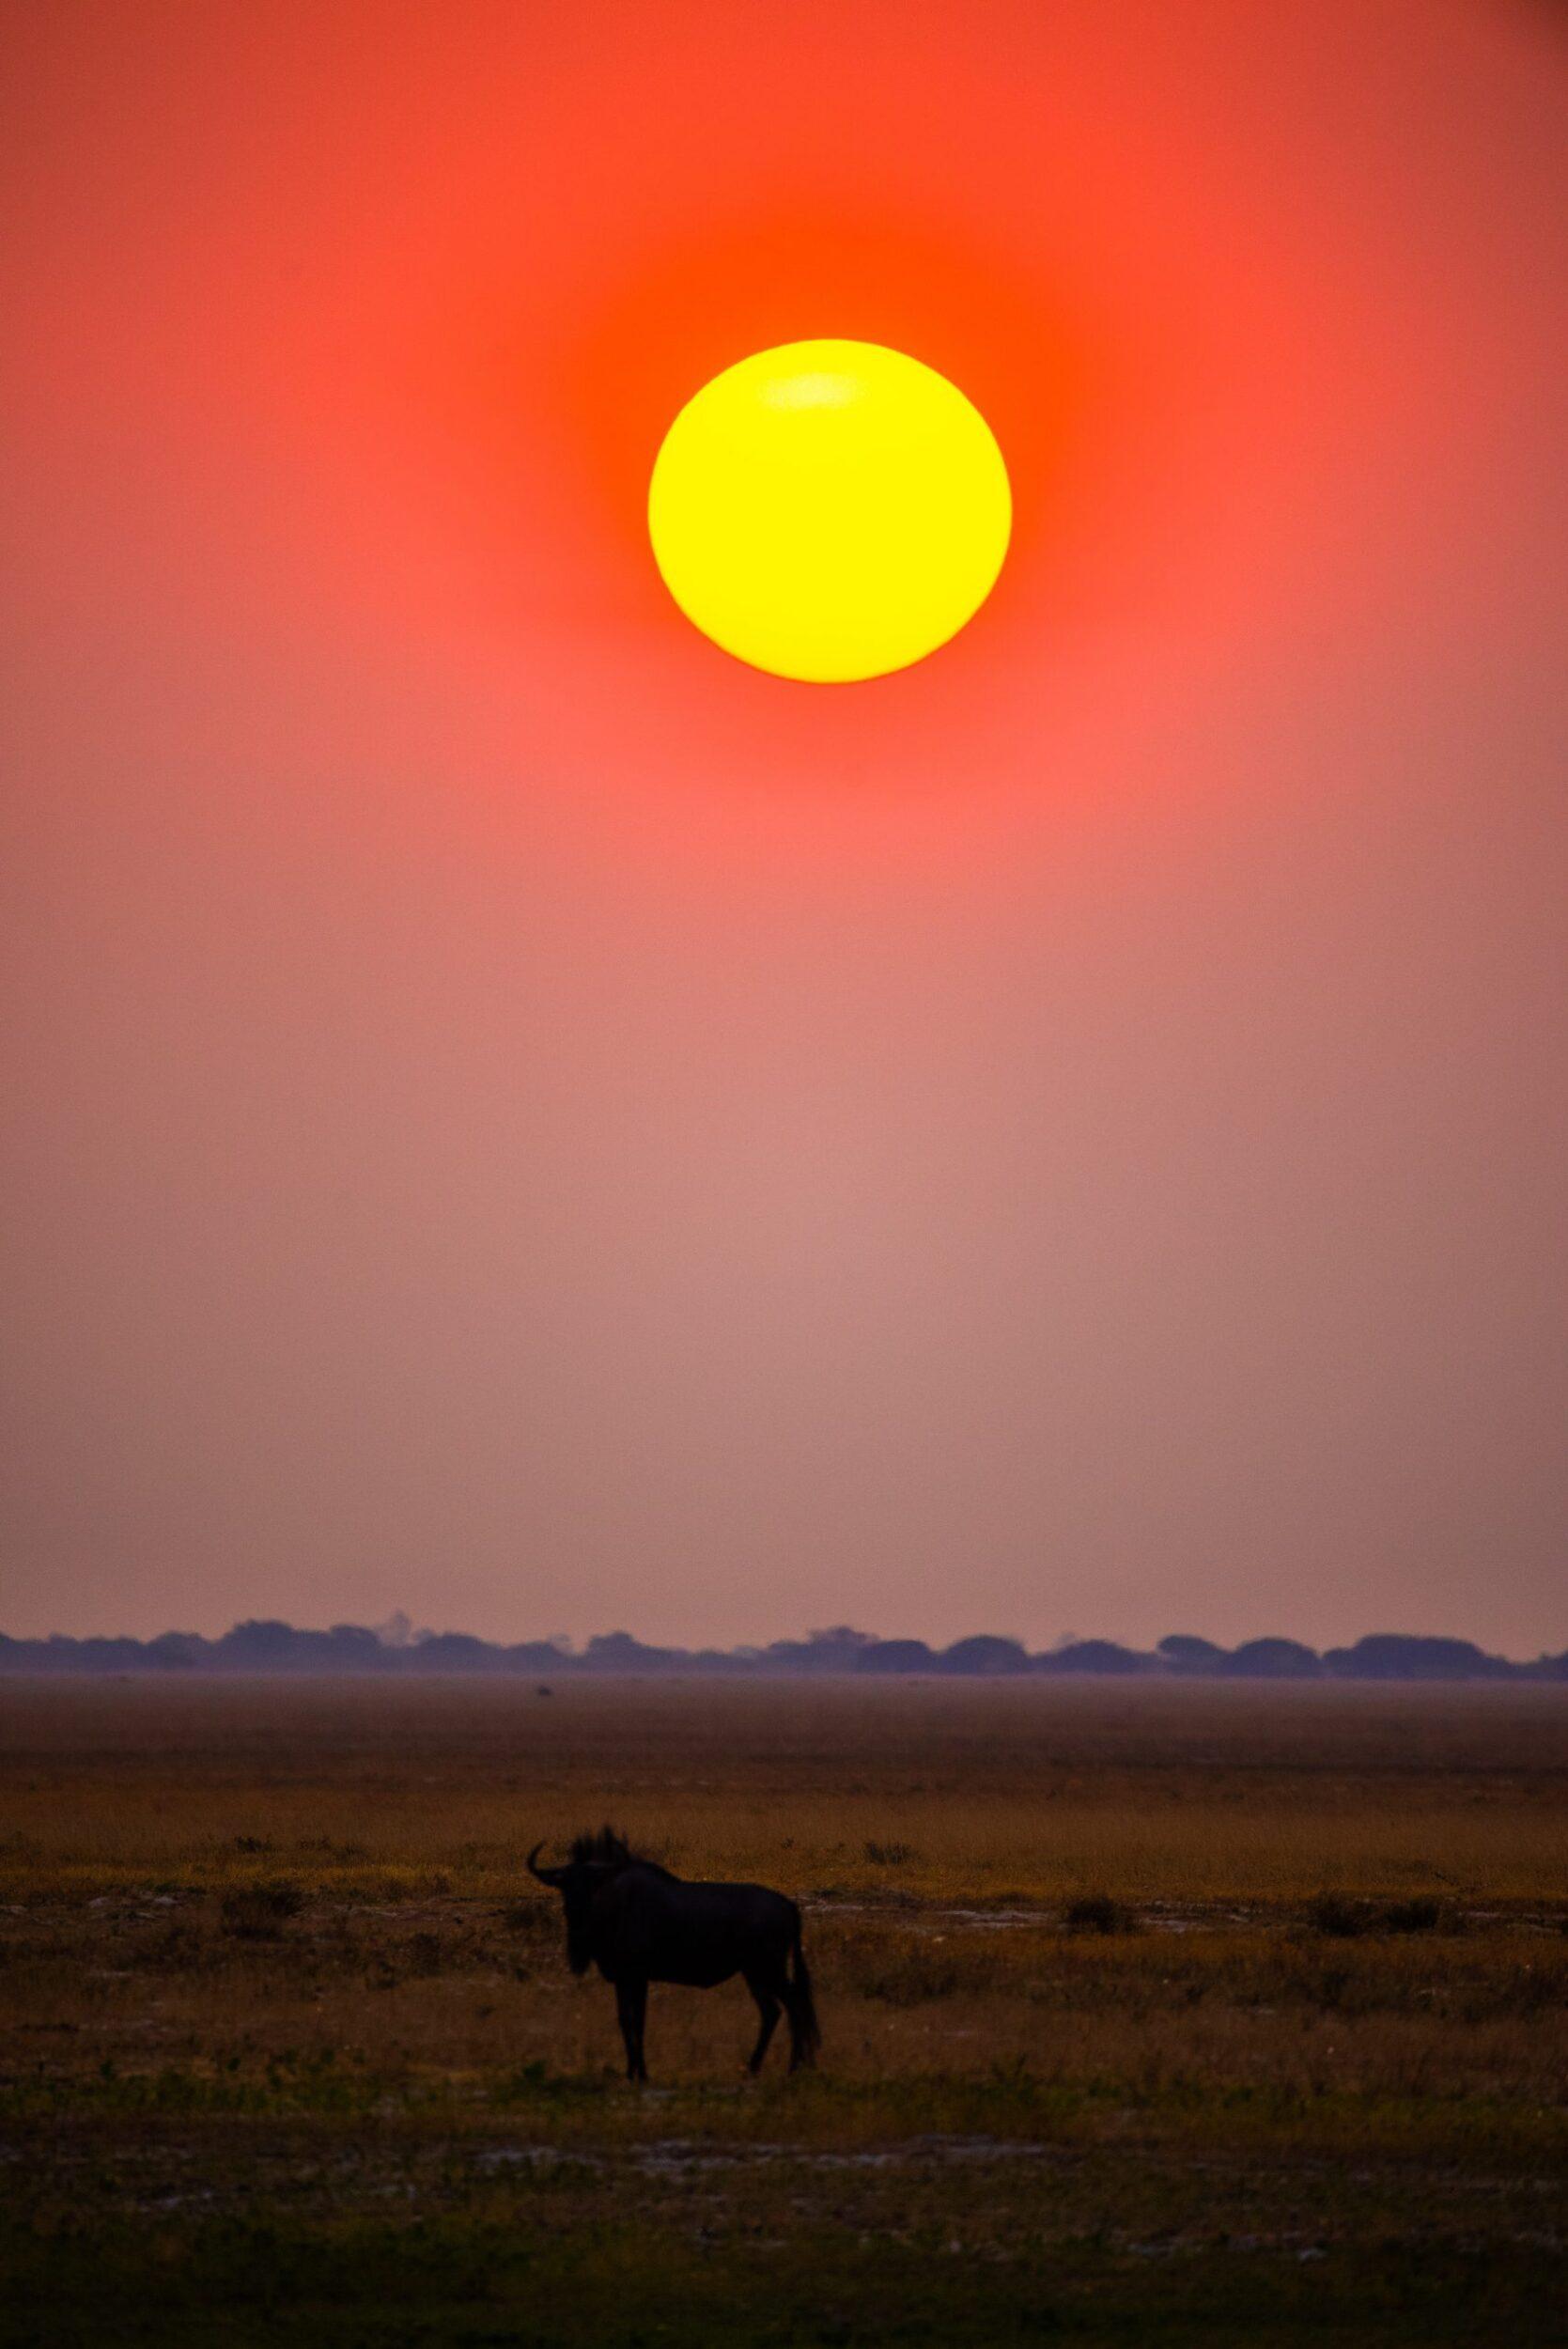 Zambian sunset, Photo by Birger Strahl on Unsplash